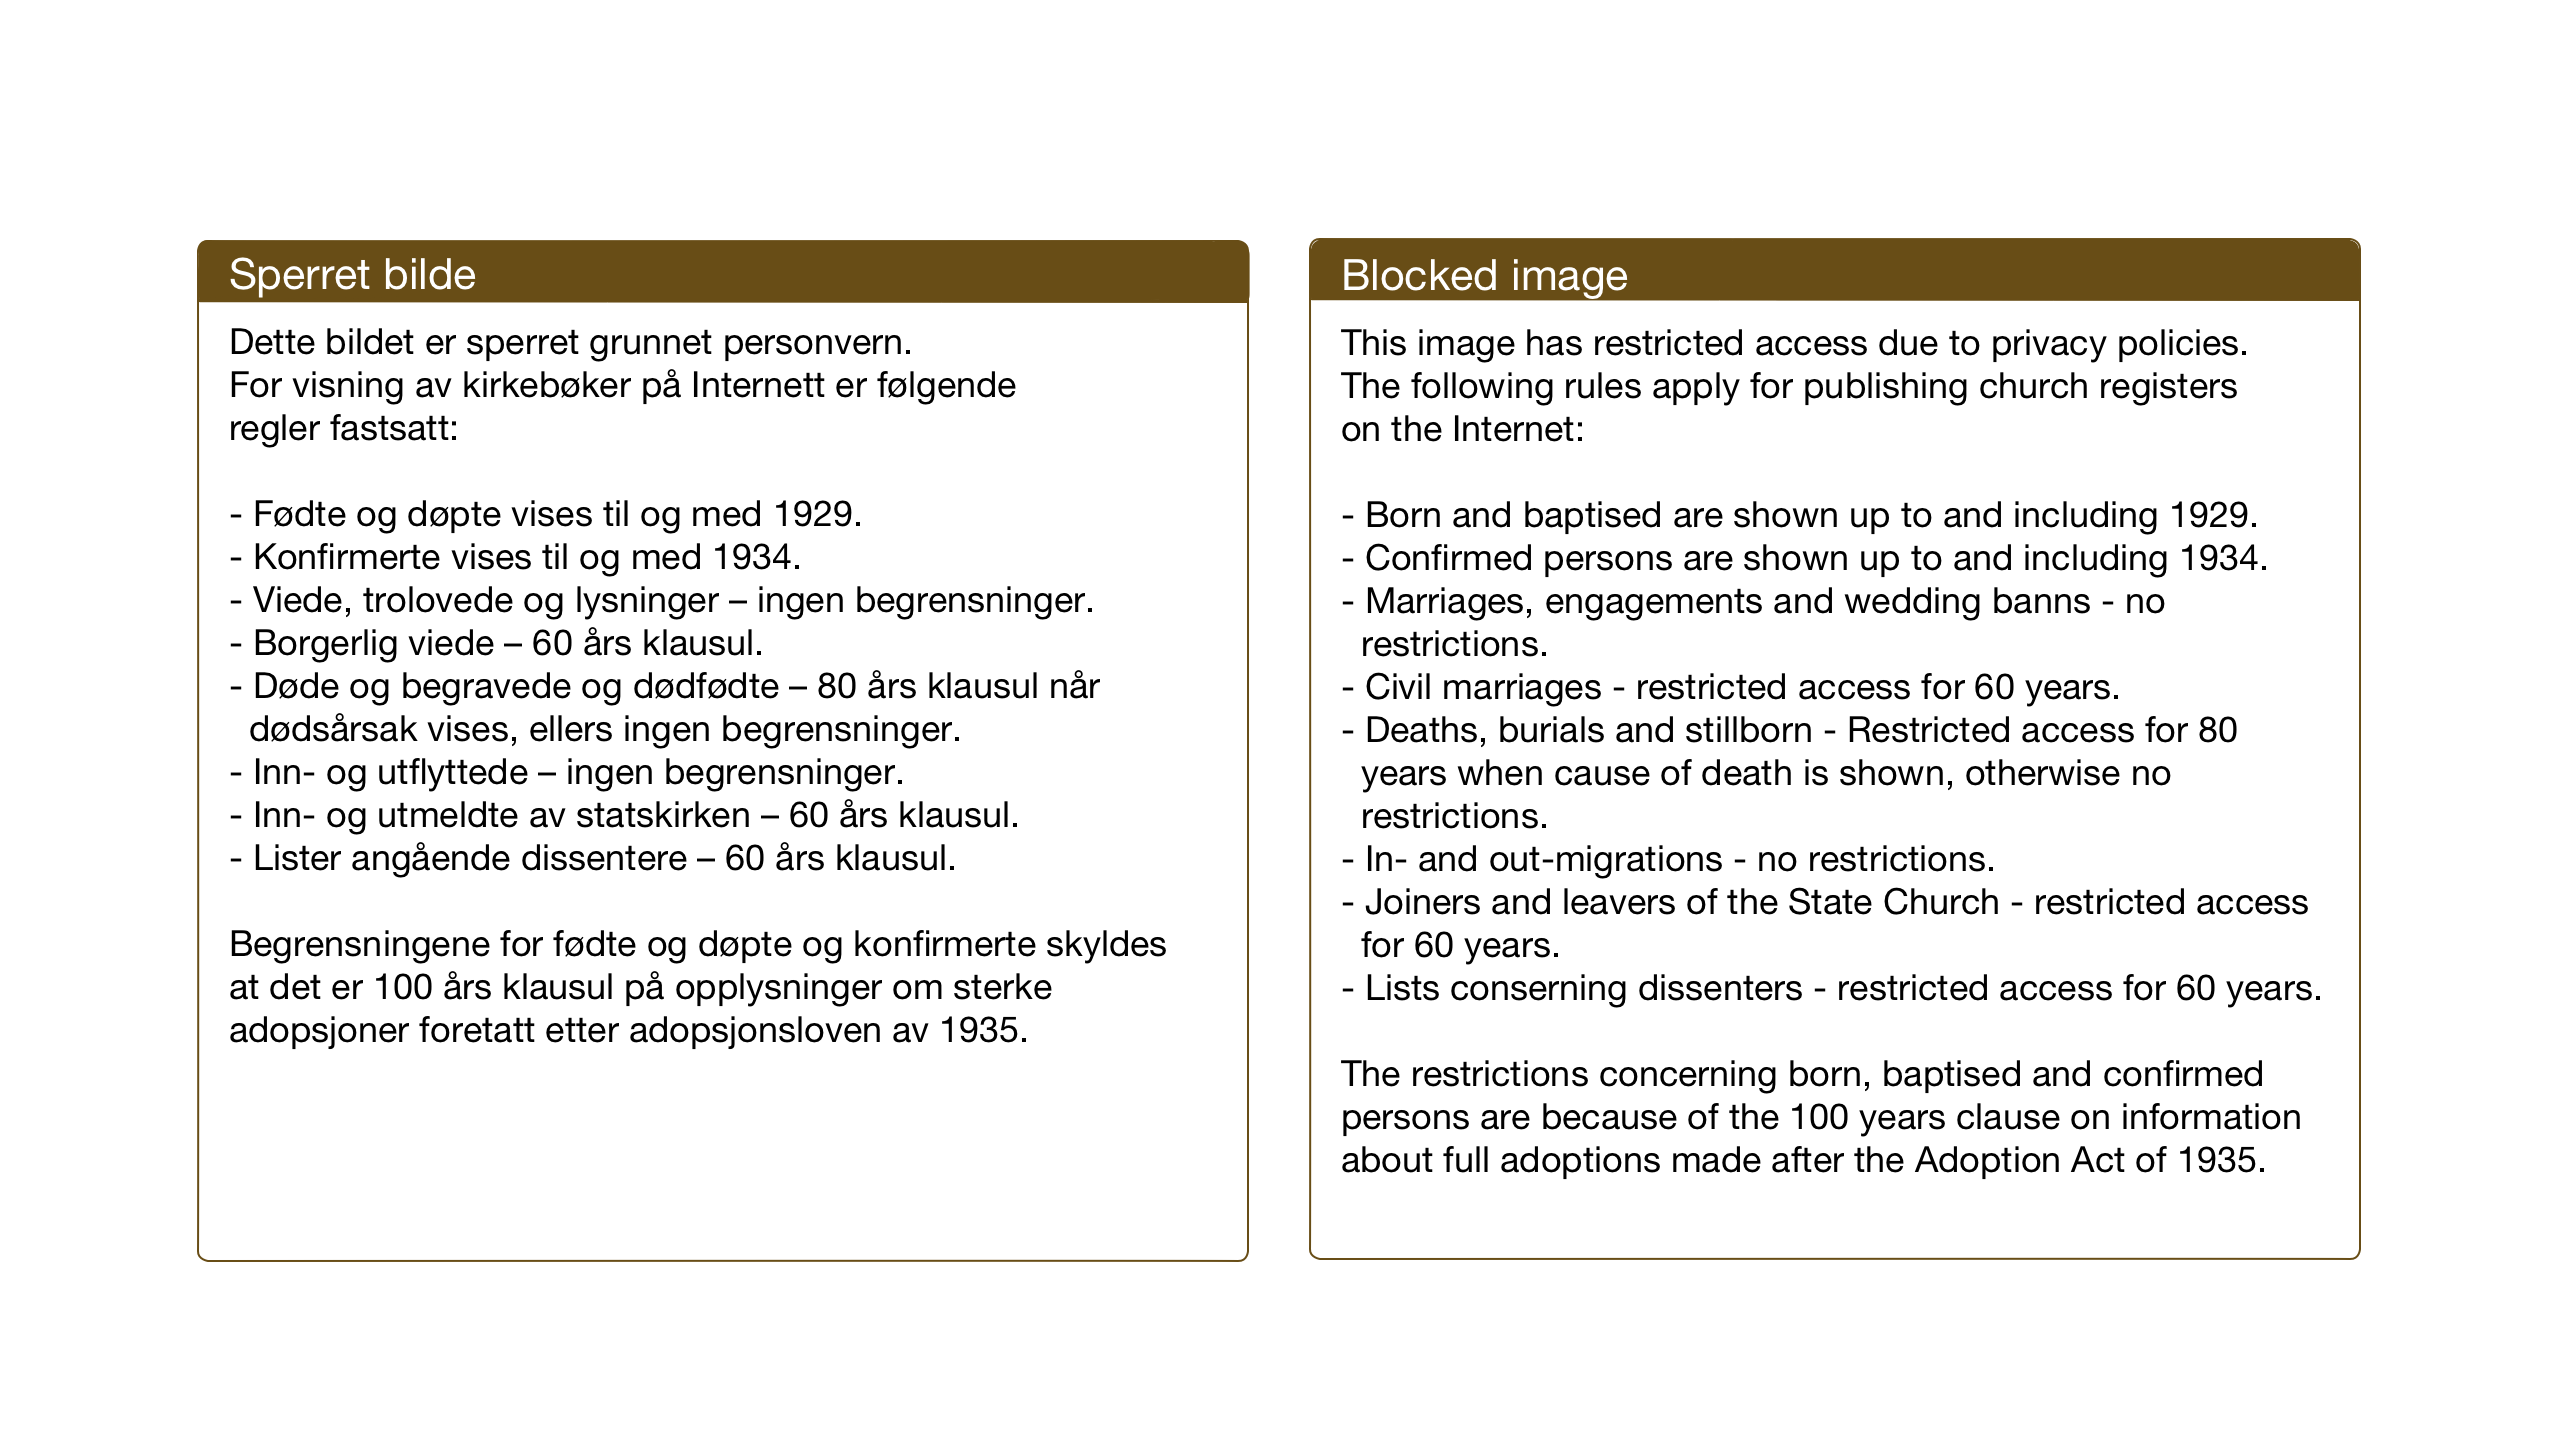 SAT, Ministerialprotokoller, klokkerbøker og fødselsregistre - Nord-Trøndelag, 722/L0227: Klokkerbok nr. 722C03, 1928-1958, s. 68